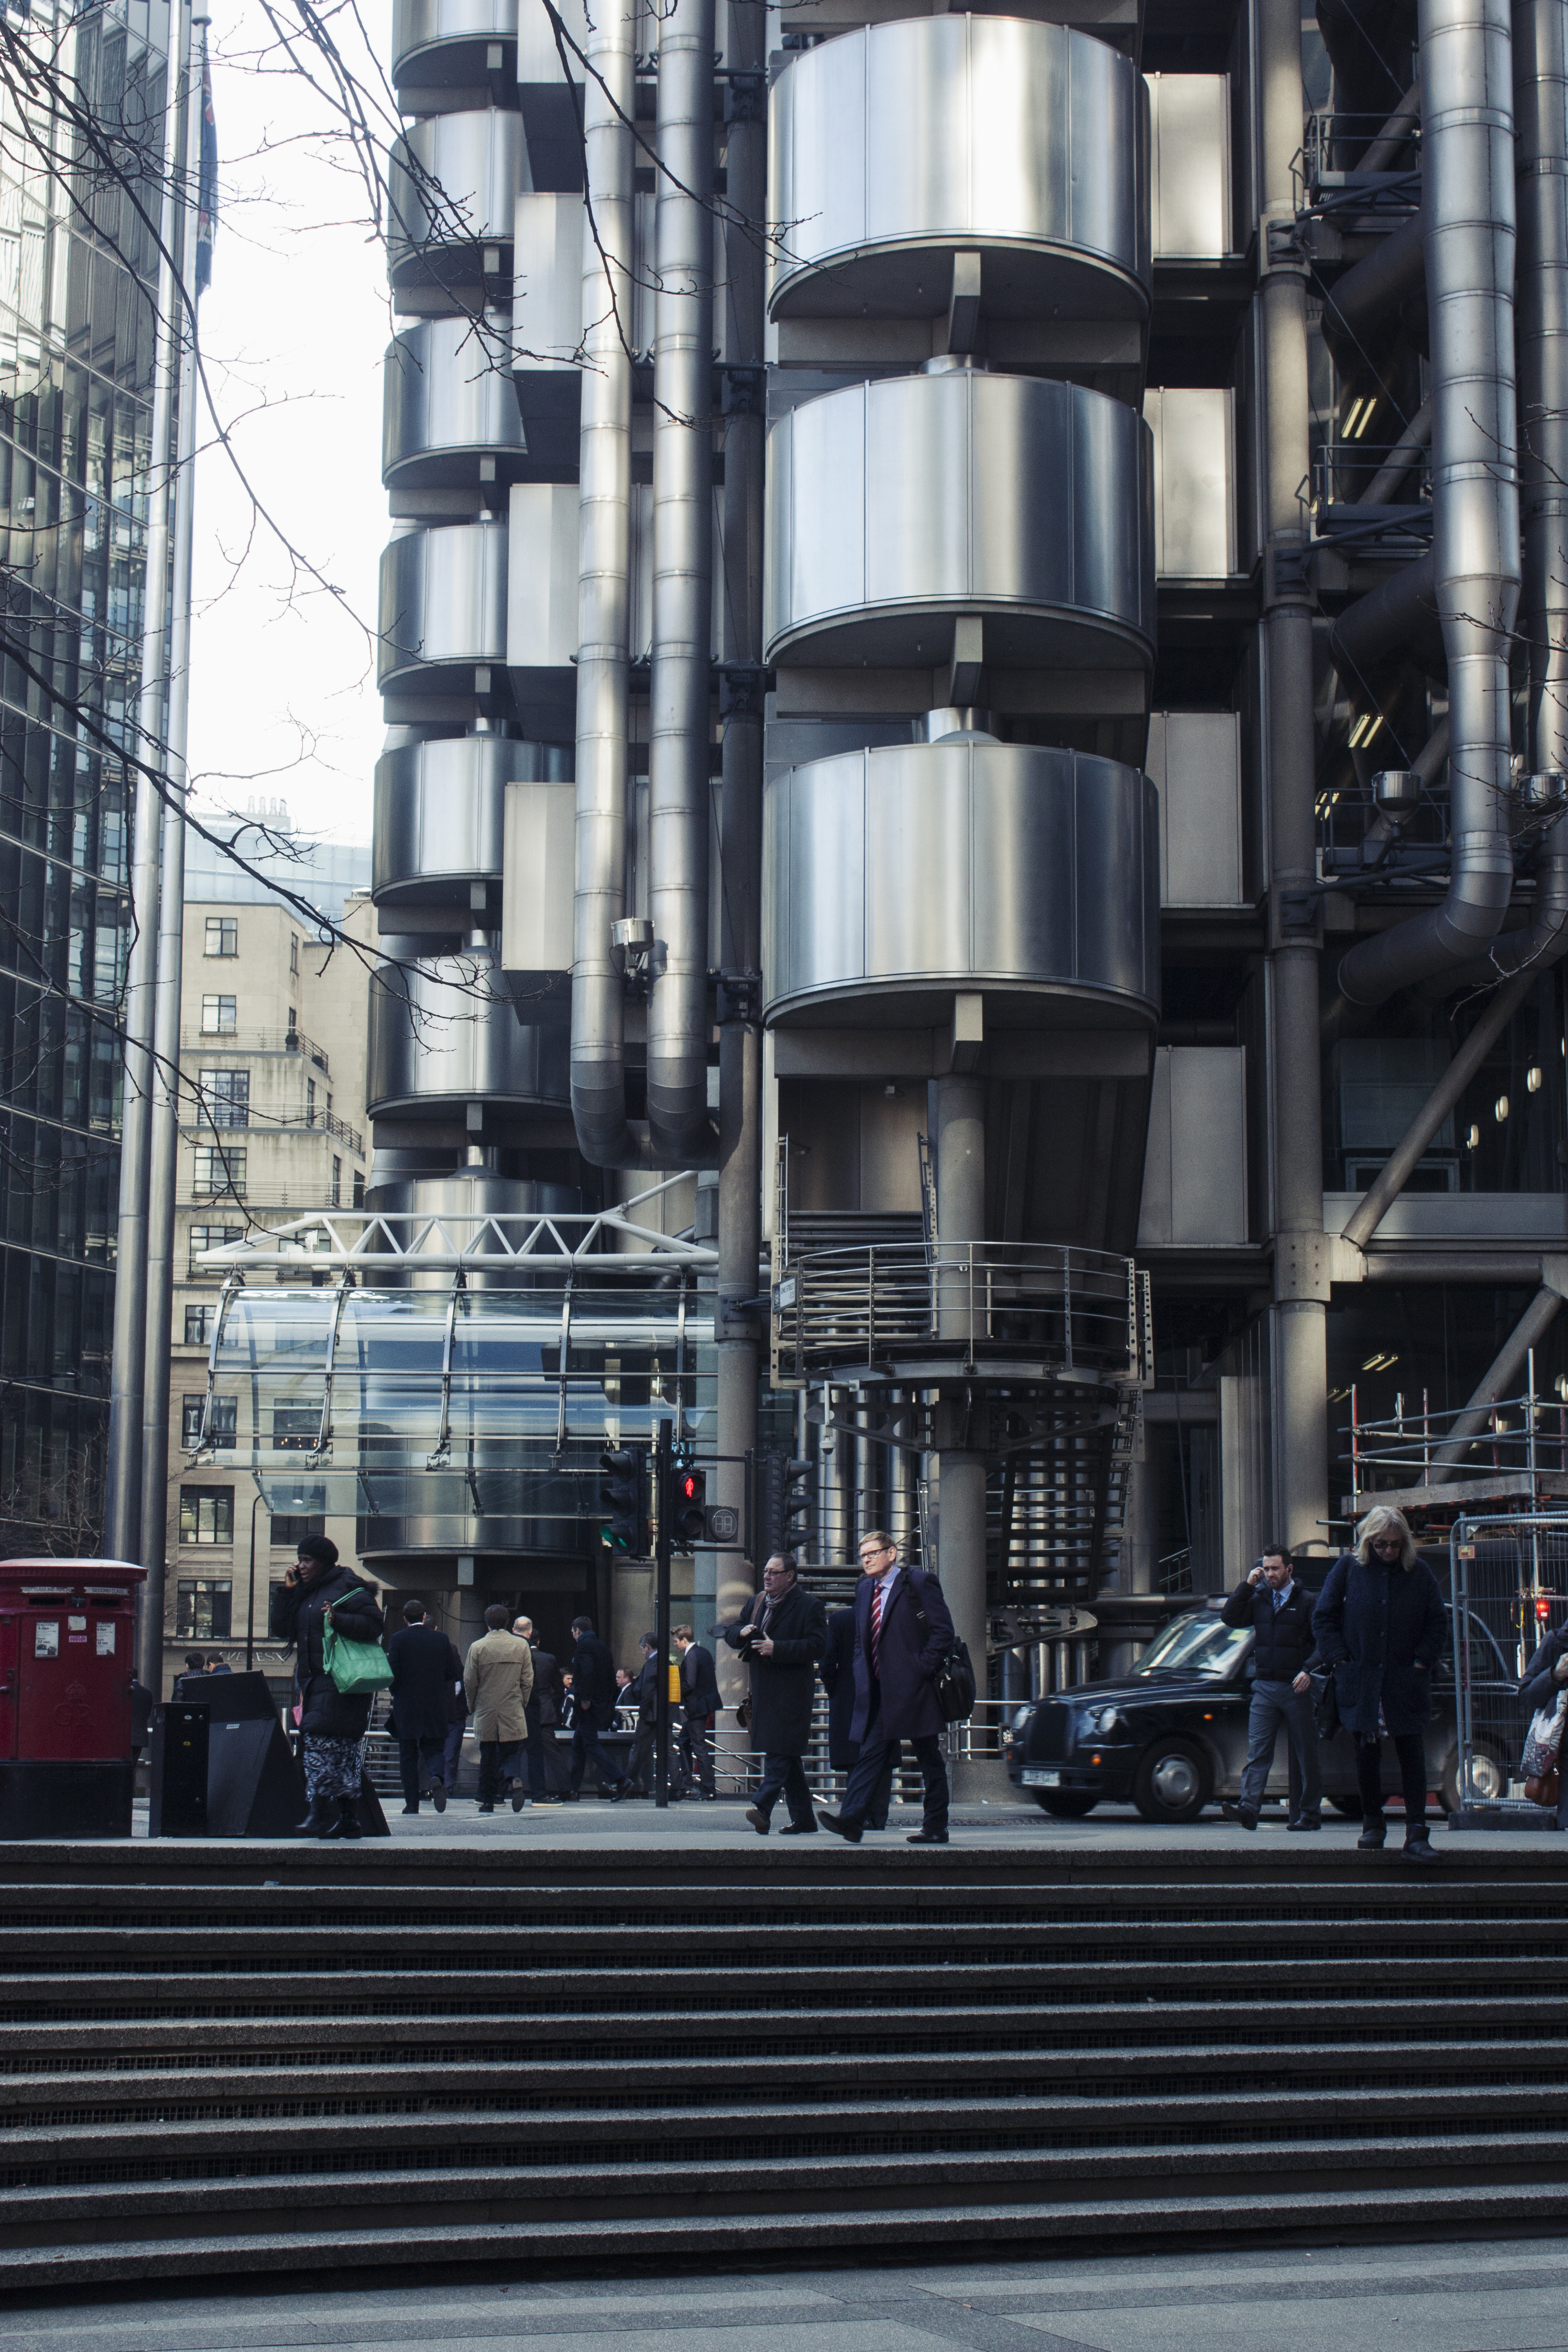 London - Steel